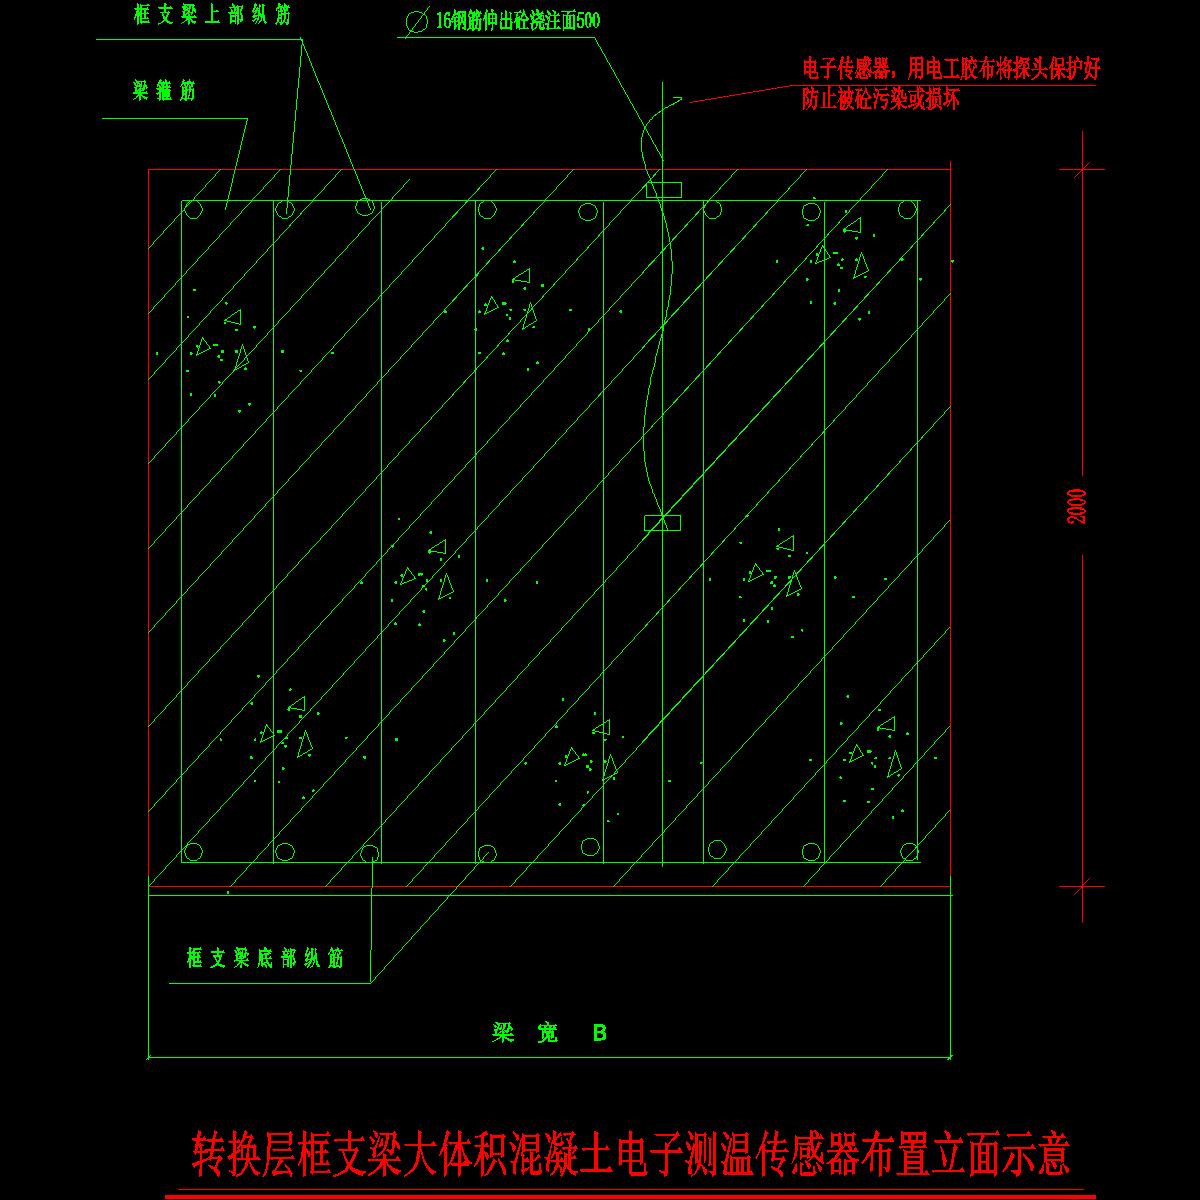 转换层大梁电子测温仪、传感器布置示意.dwg